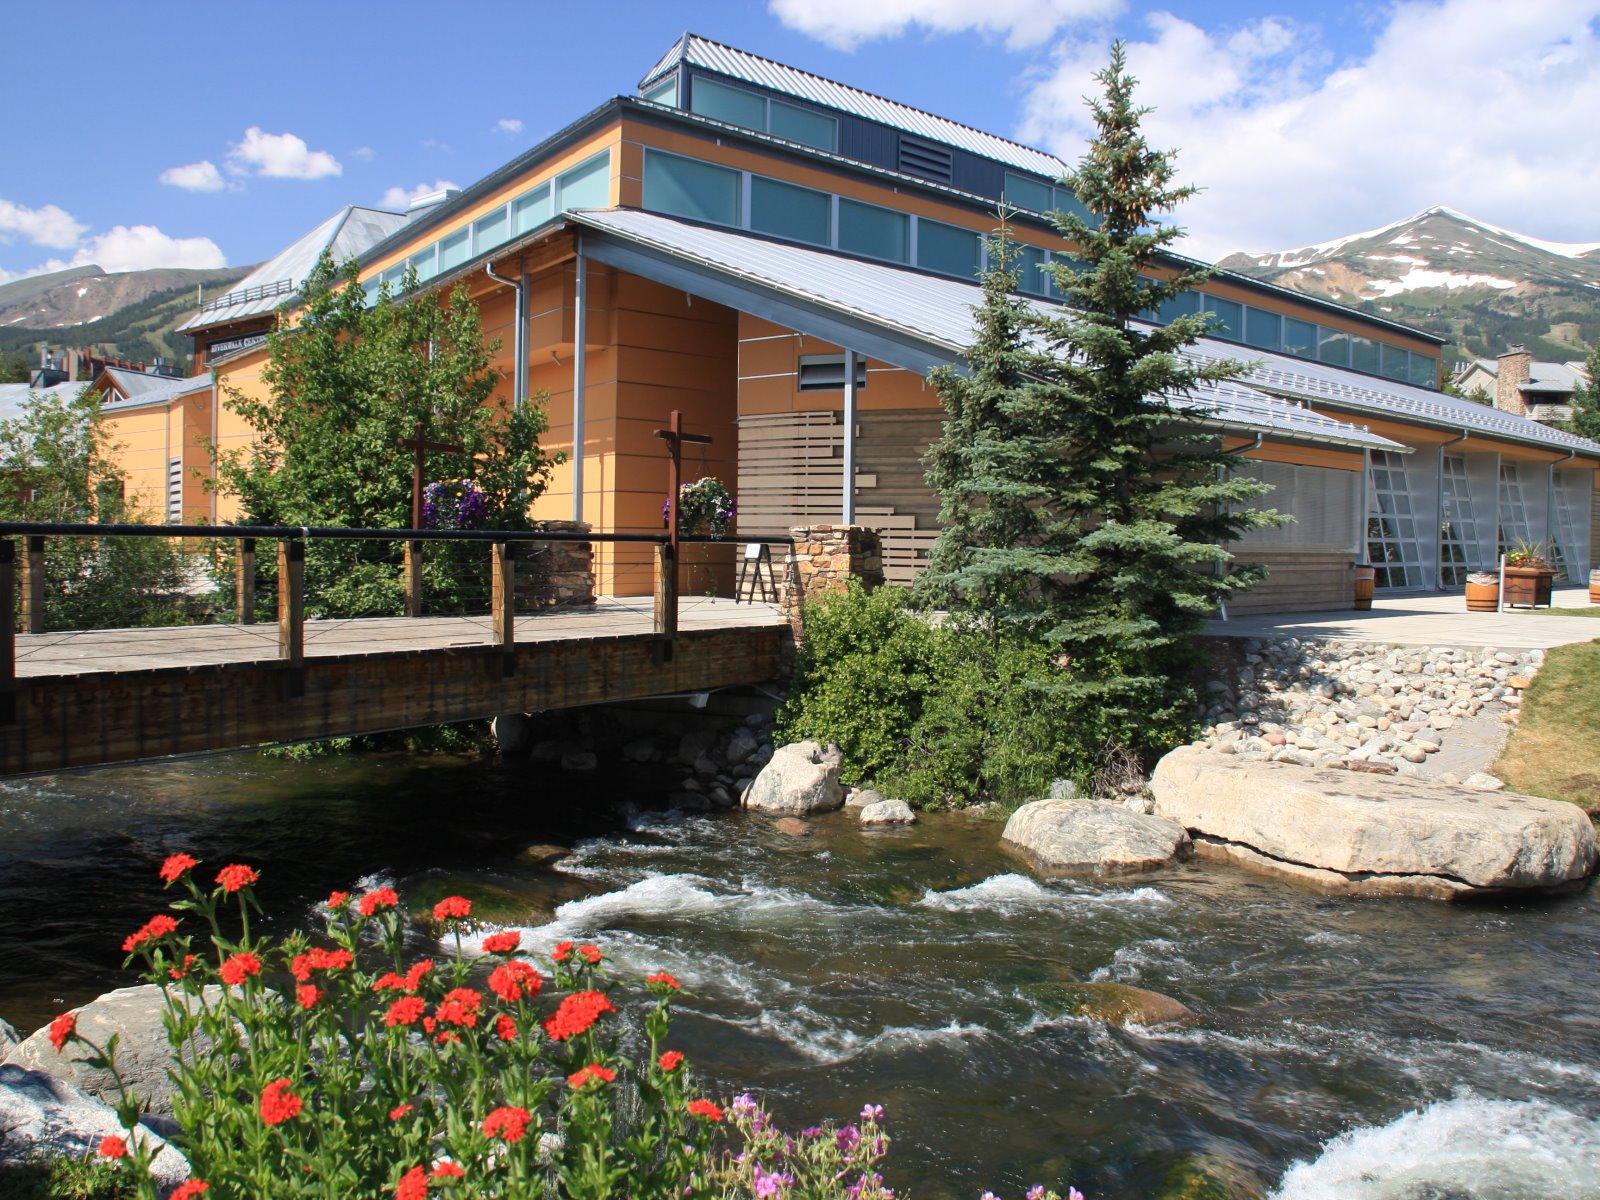 Breckenridge Riverwalk (1)web.jpg